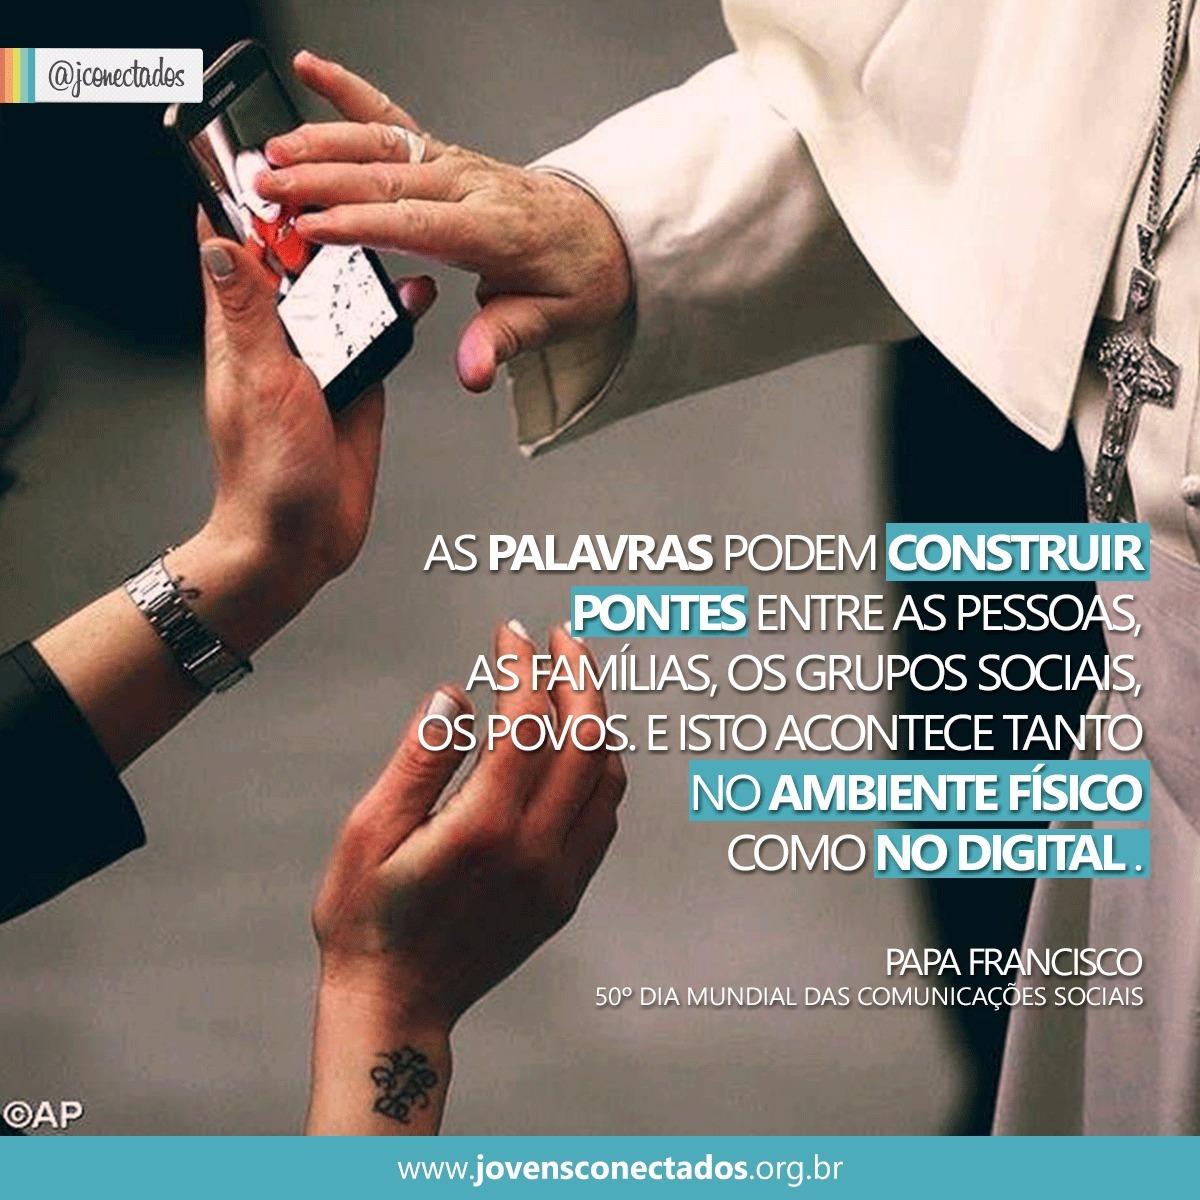 #RádioConectado: Mensagem do Papa para o 50° Dia Mundial das Comunicações Sociais